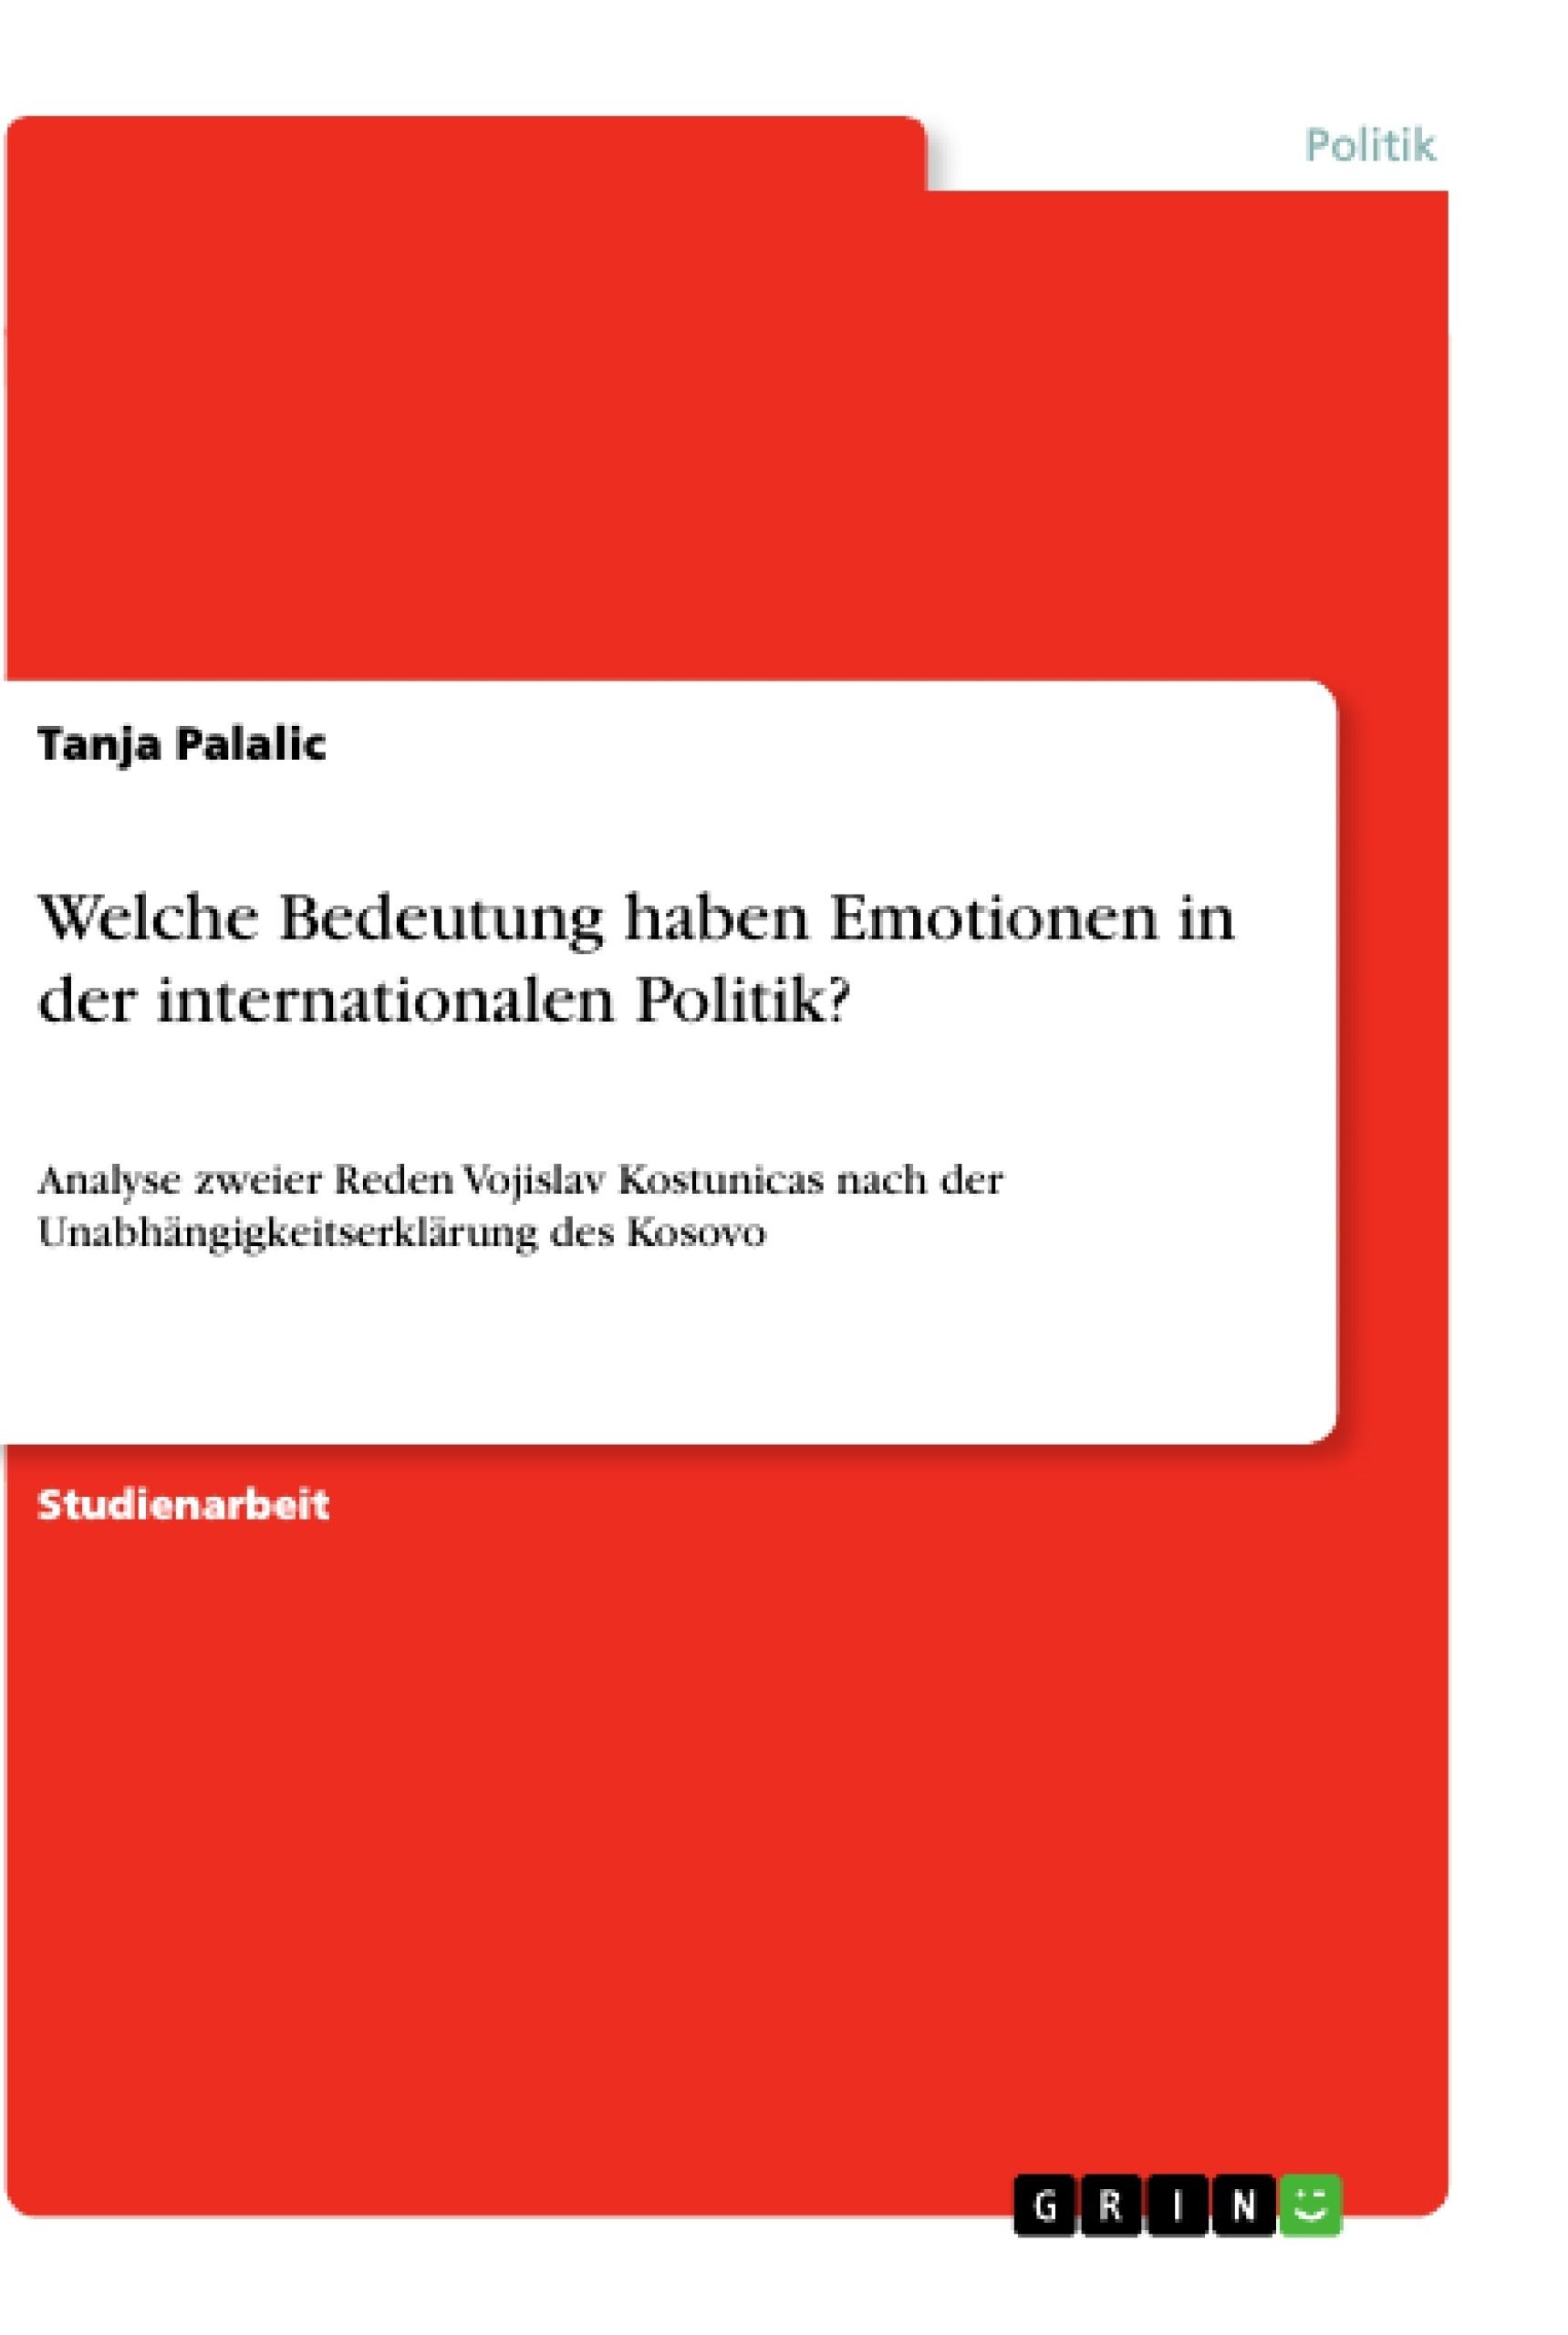 Titel: Welche Bedeutung haben Emotionen in der internationalen Politik?